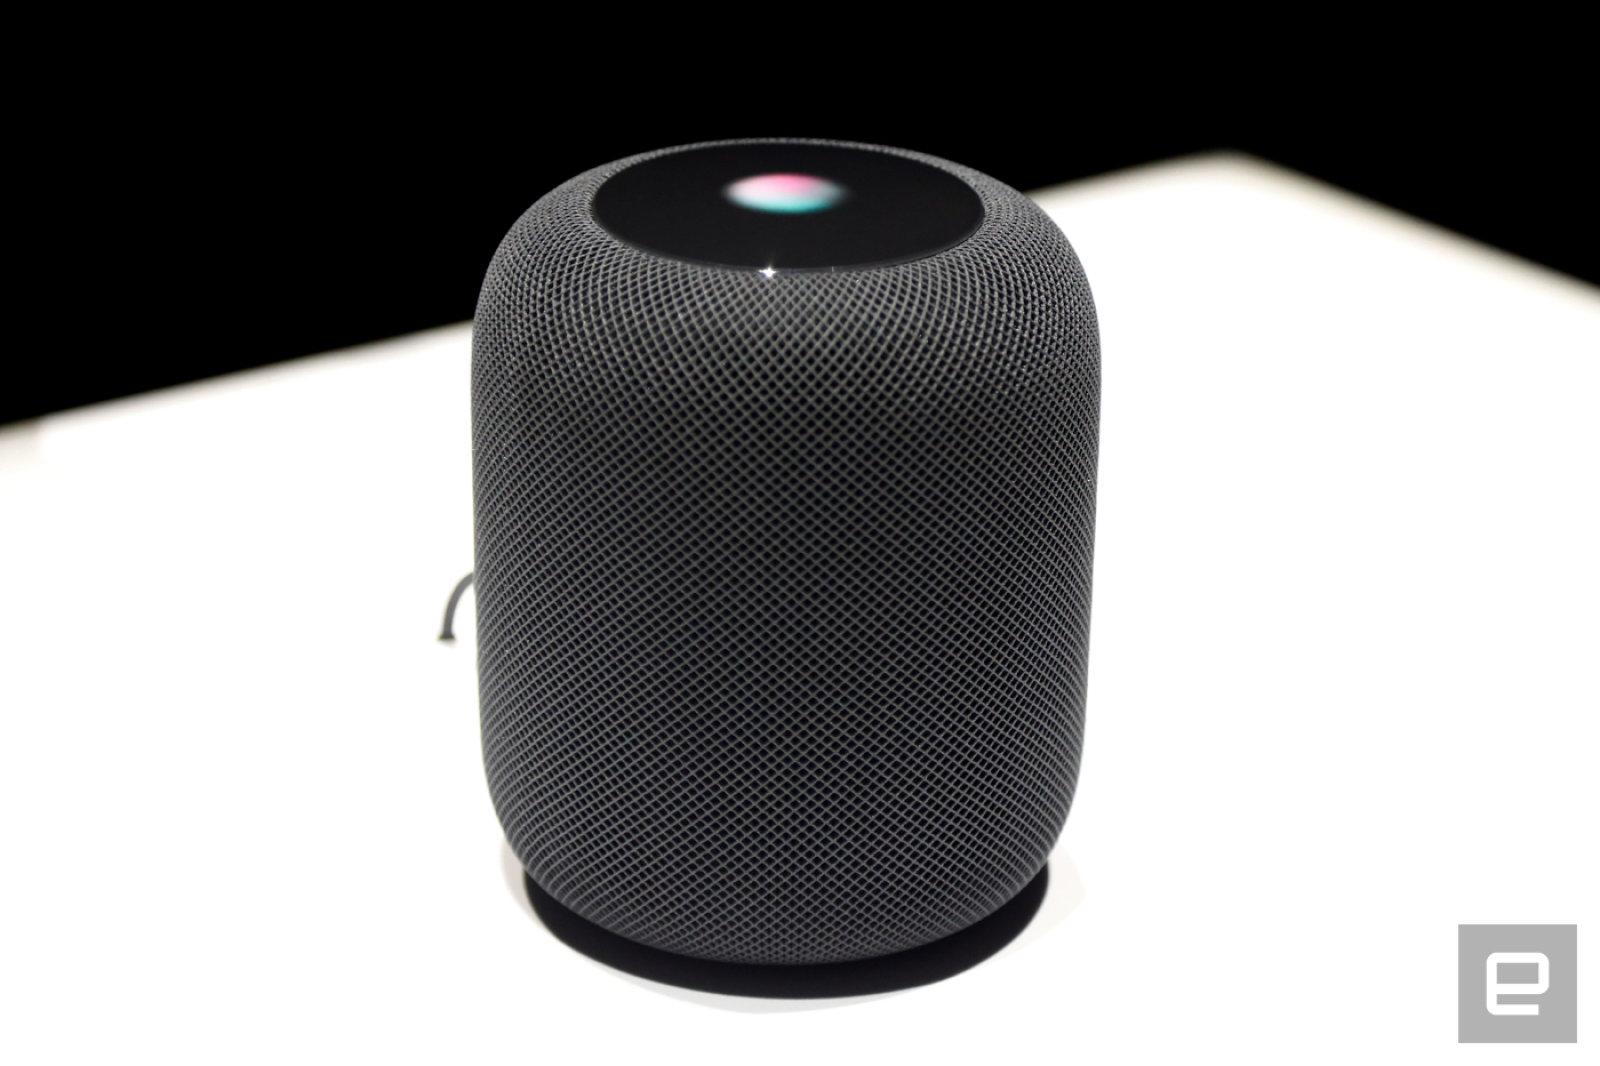 Apple podría estar cerca de lanzar su altavoz HomePod. Una lista de la FCC y referencias de códigos han surgido en cuestión de días.